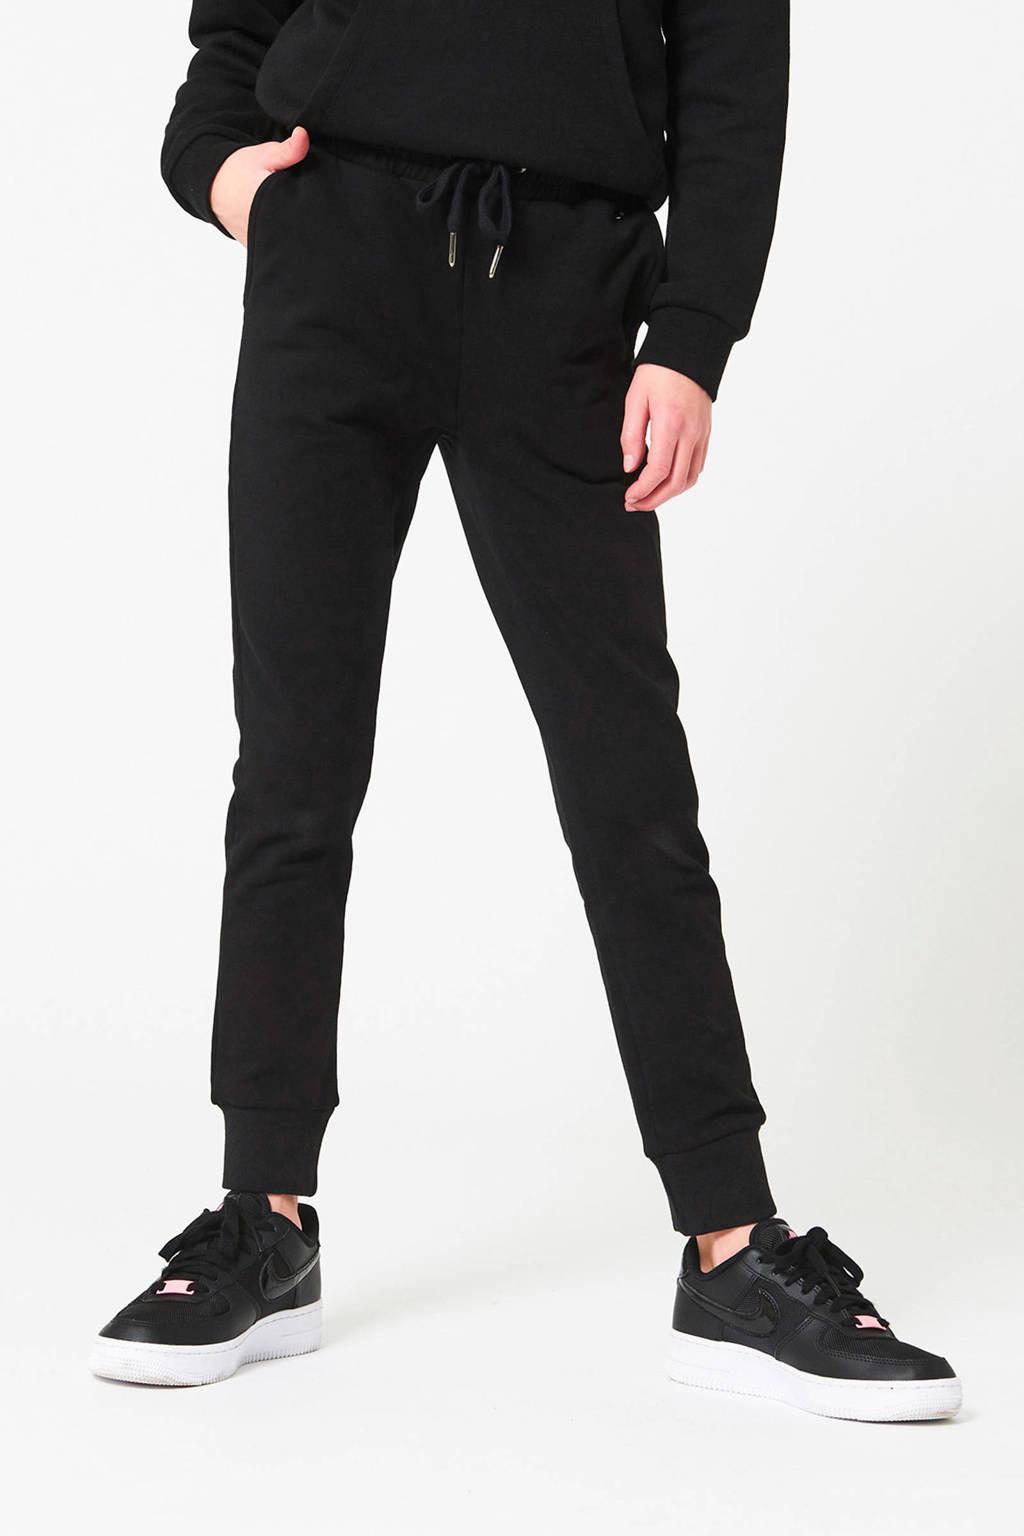 CoolCat Junior broek zwart, Zwart